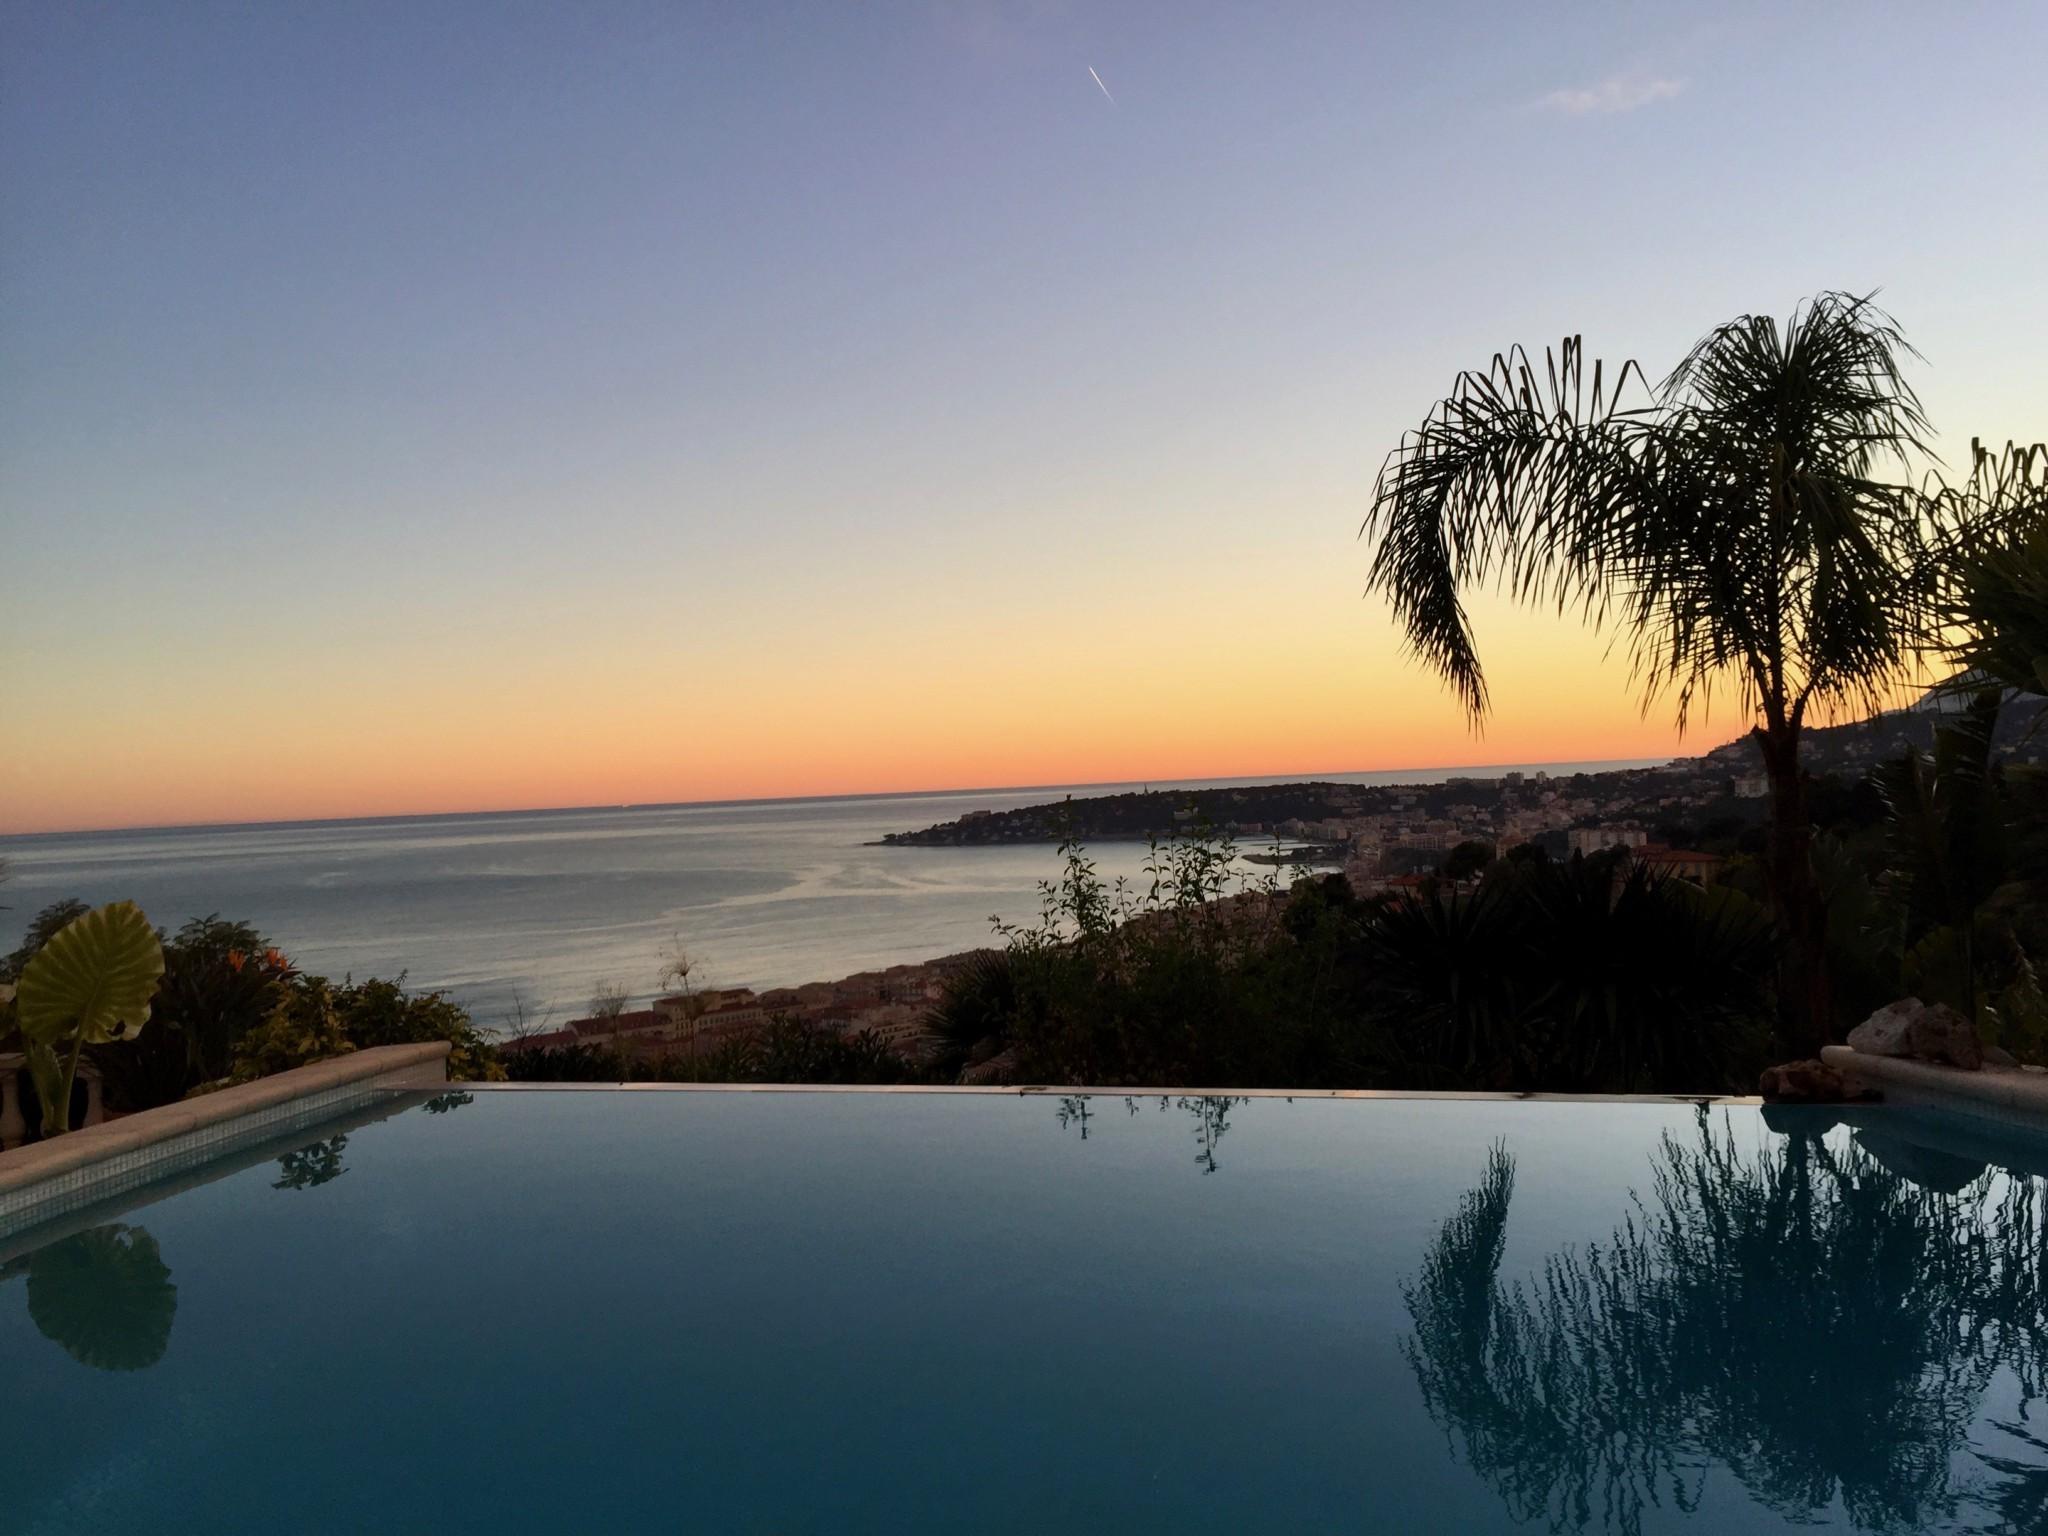 basseng-pool-menton-cote-azur-sunset